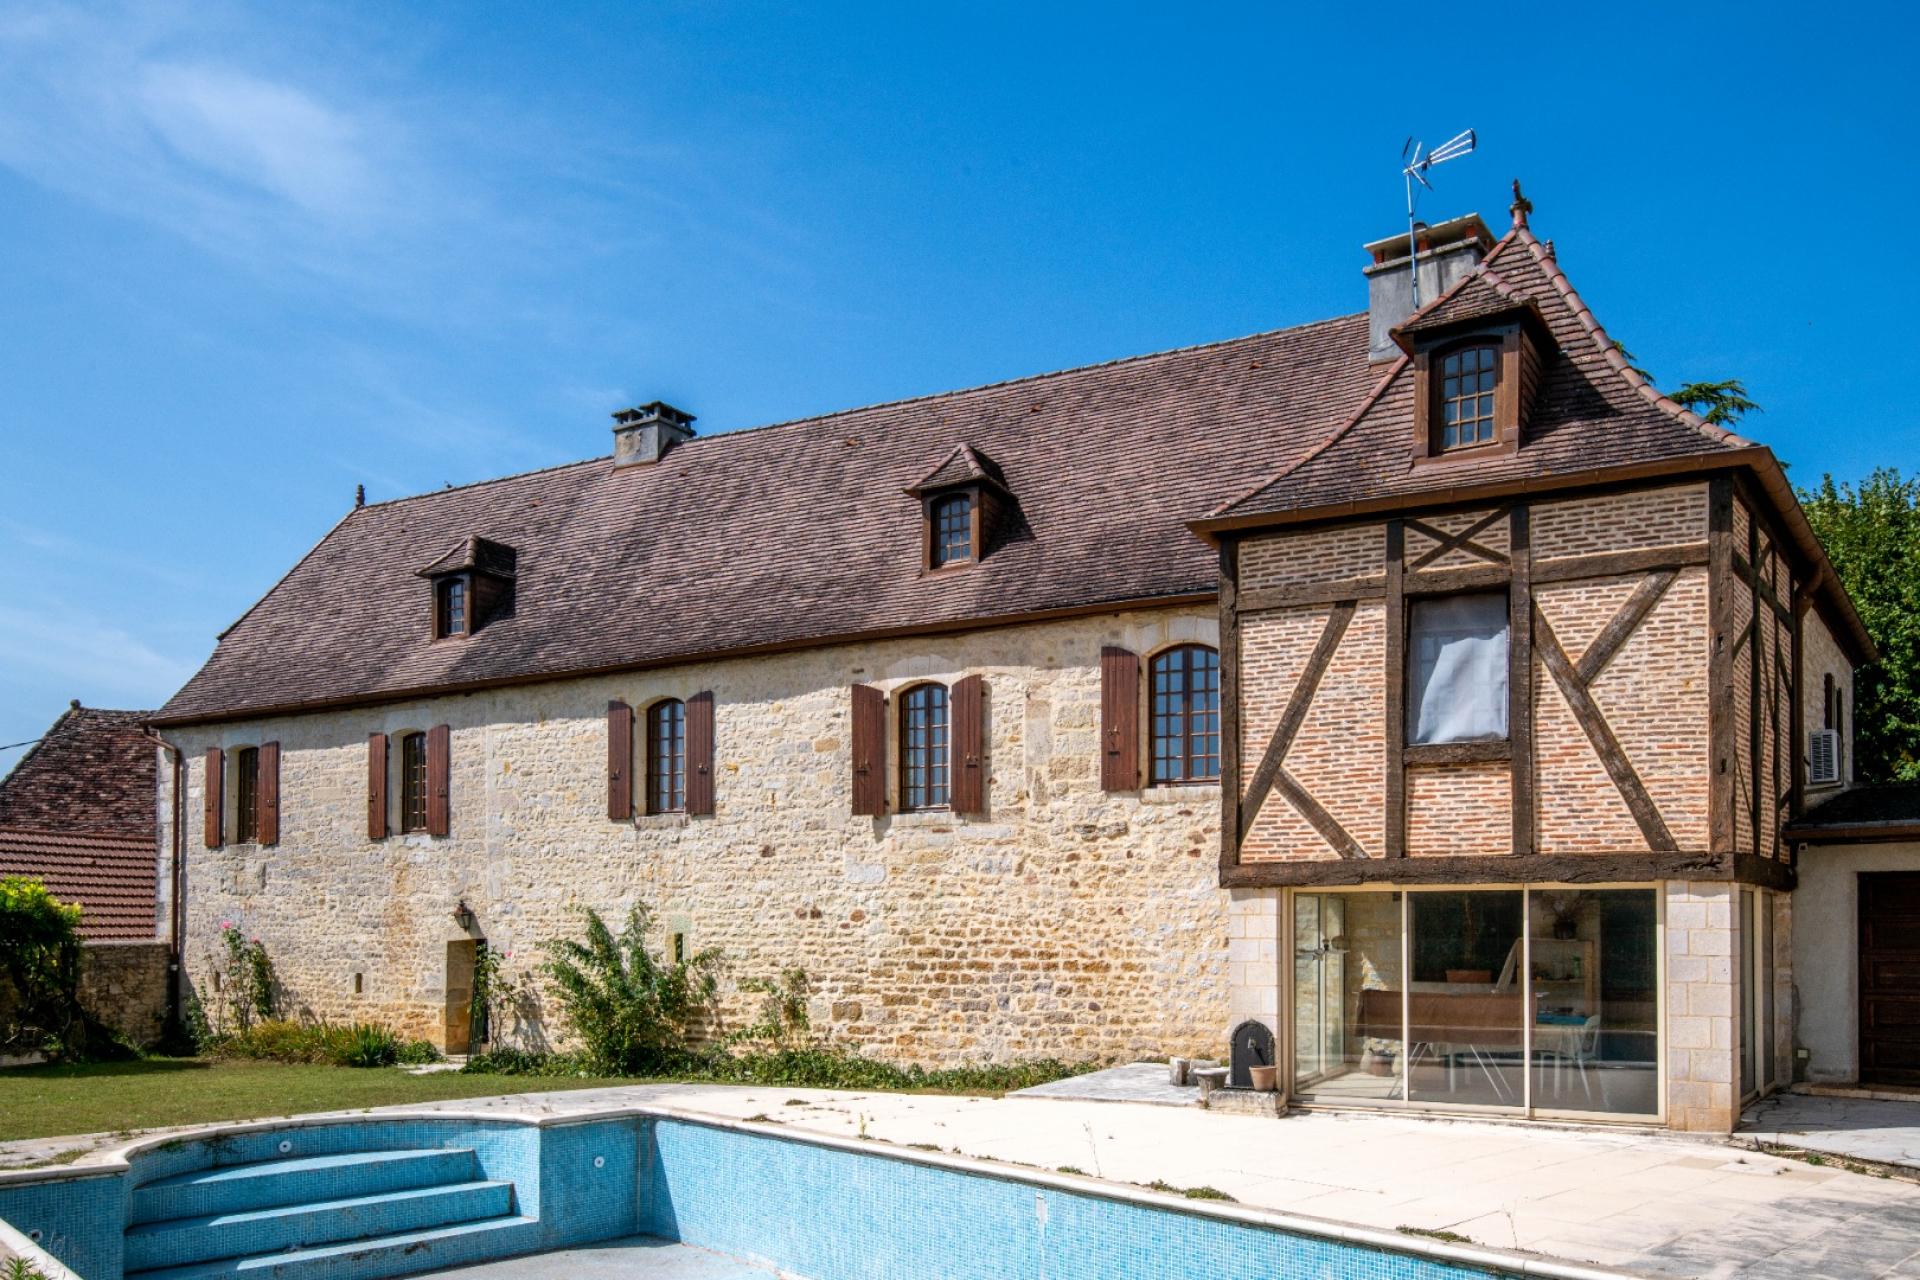 Gourdon, magnifique maison de maitre du 16ème siècle, jardin, piscine.